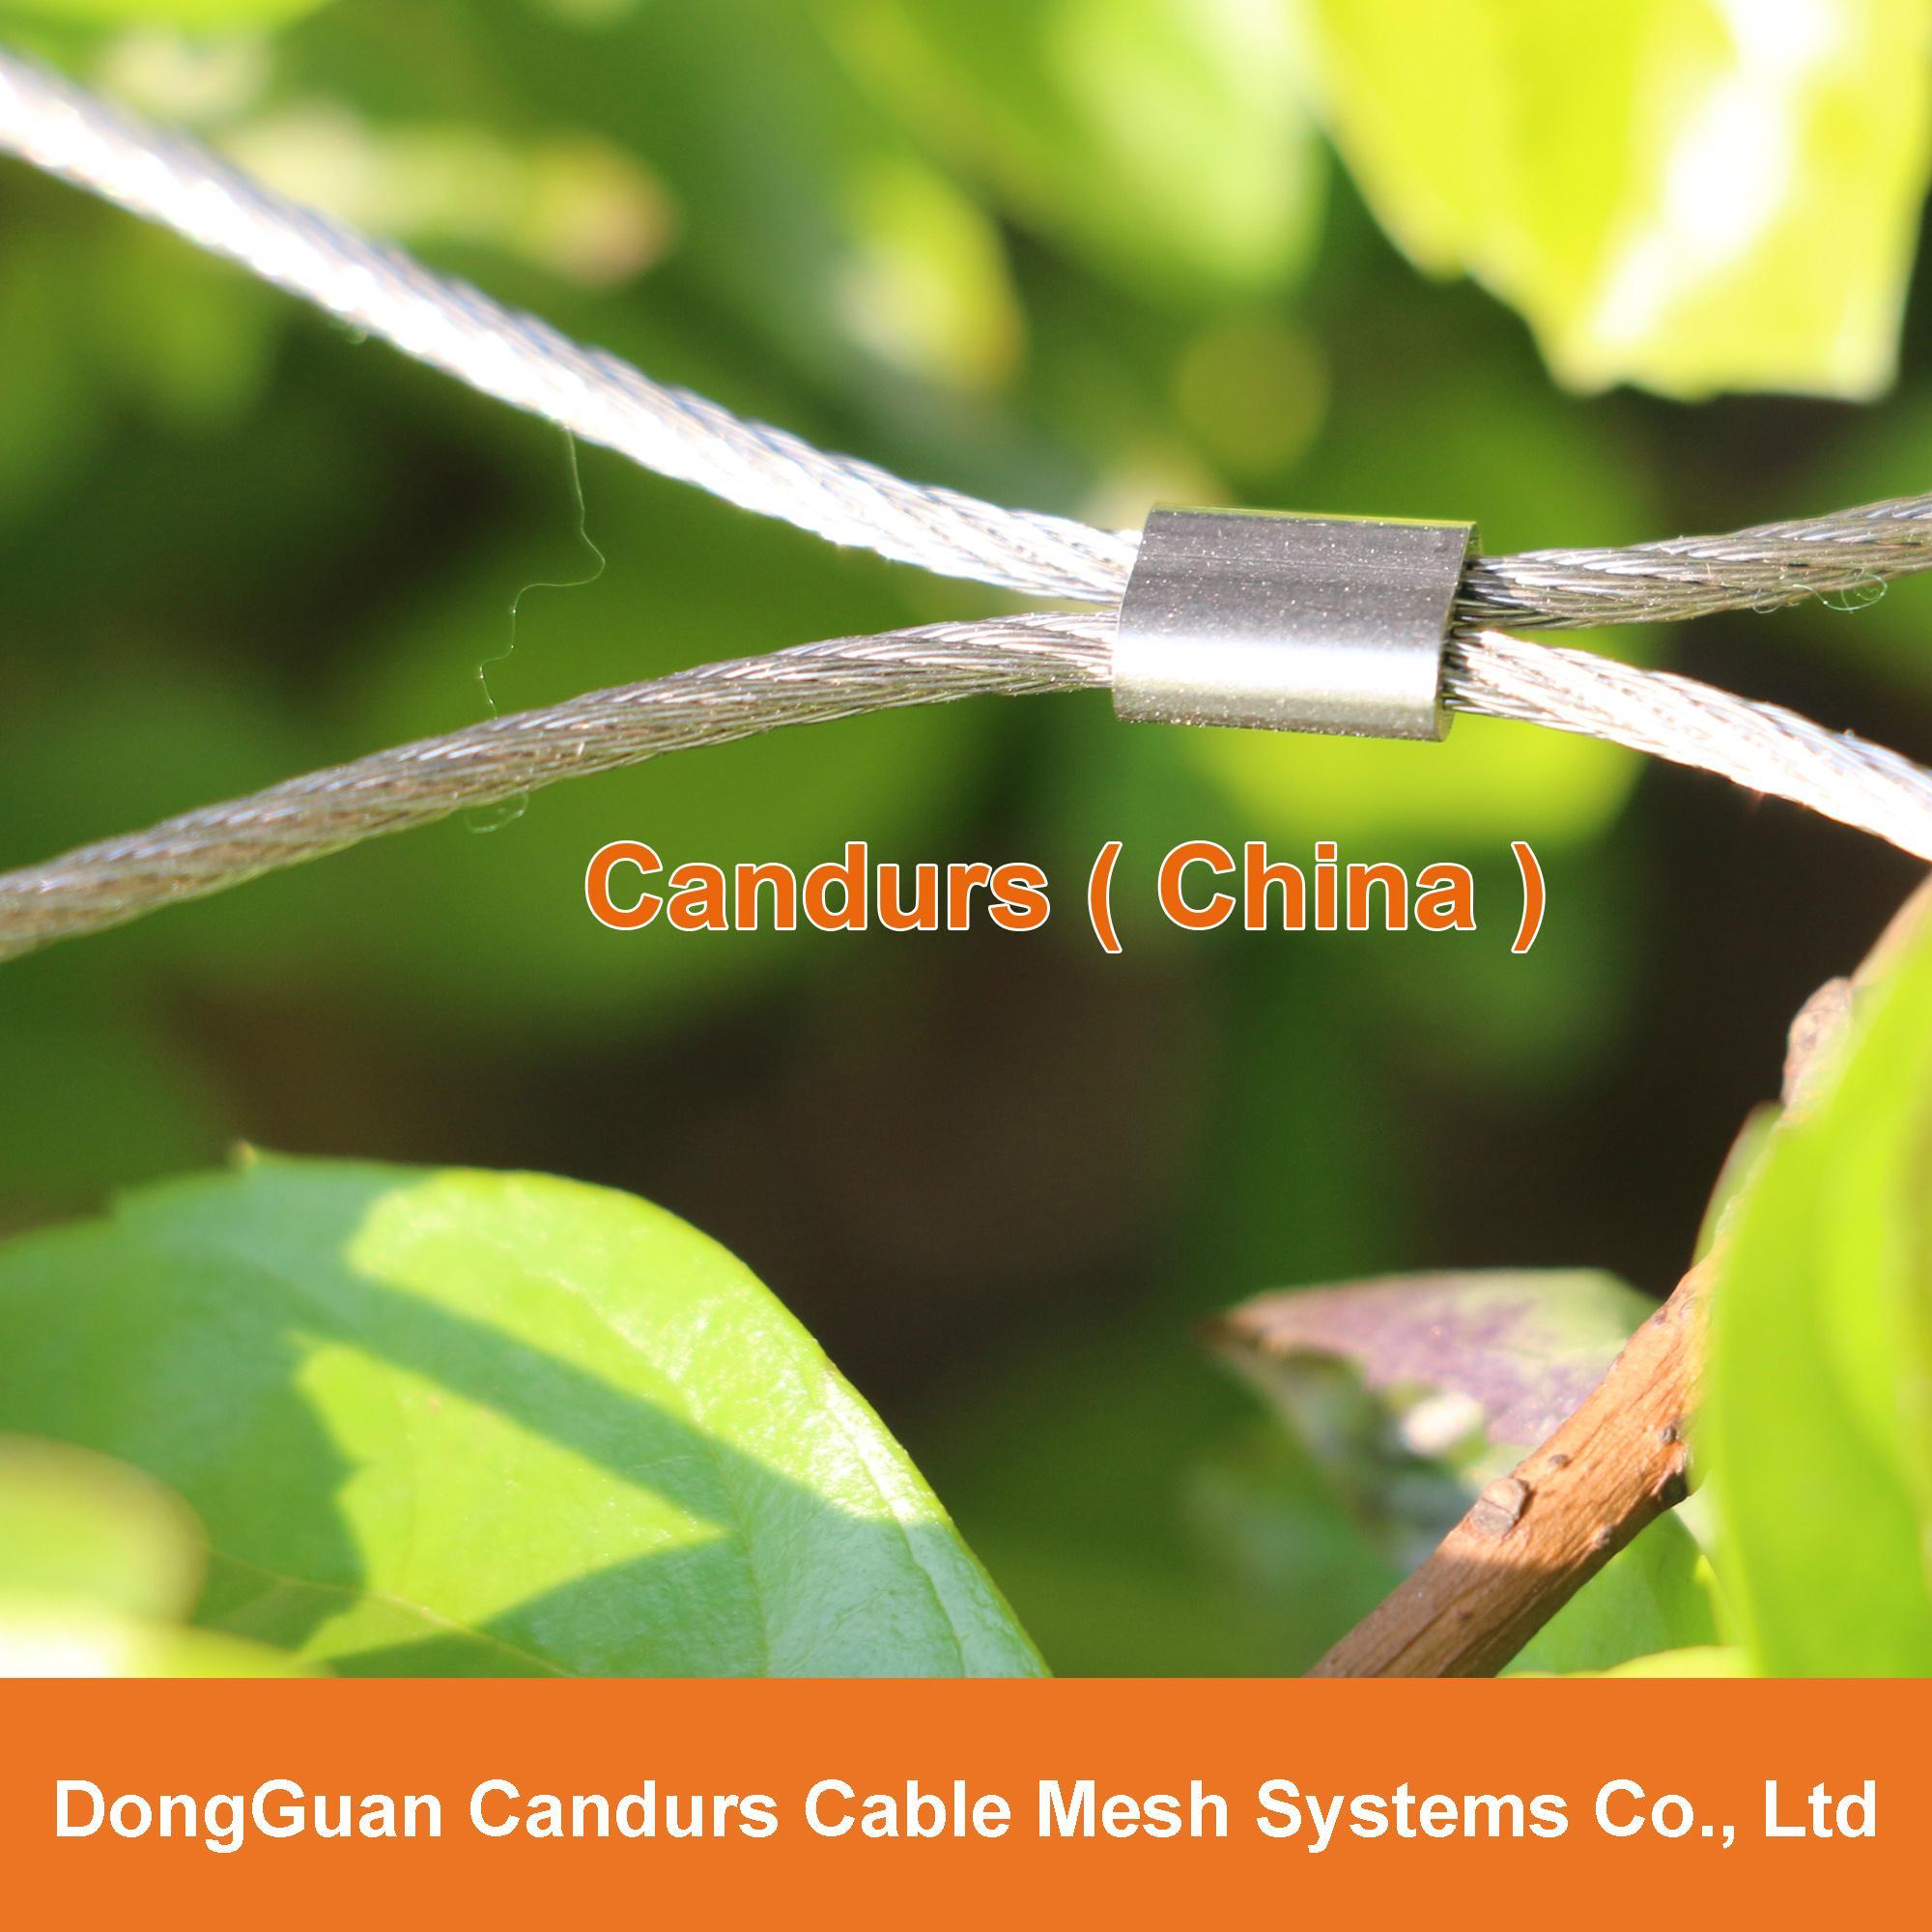 套環網-不鏽鋼絲繩套環網 12